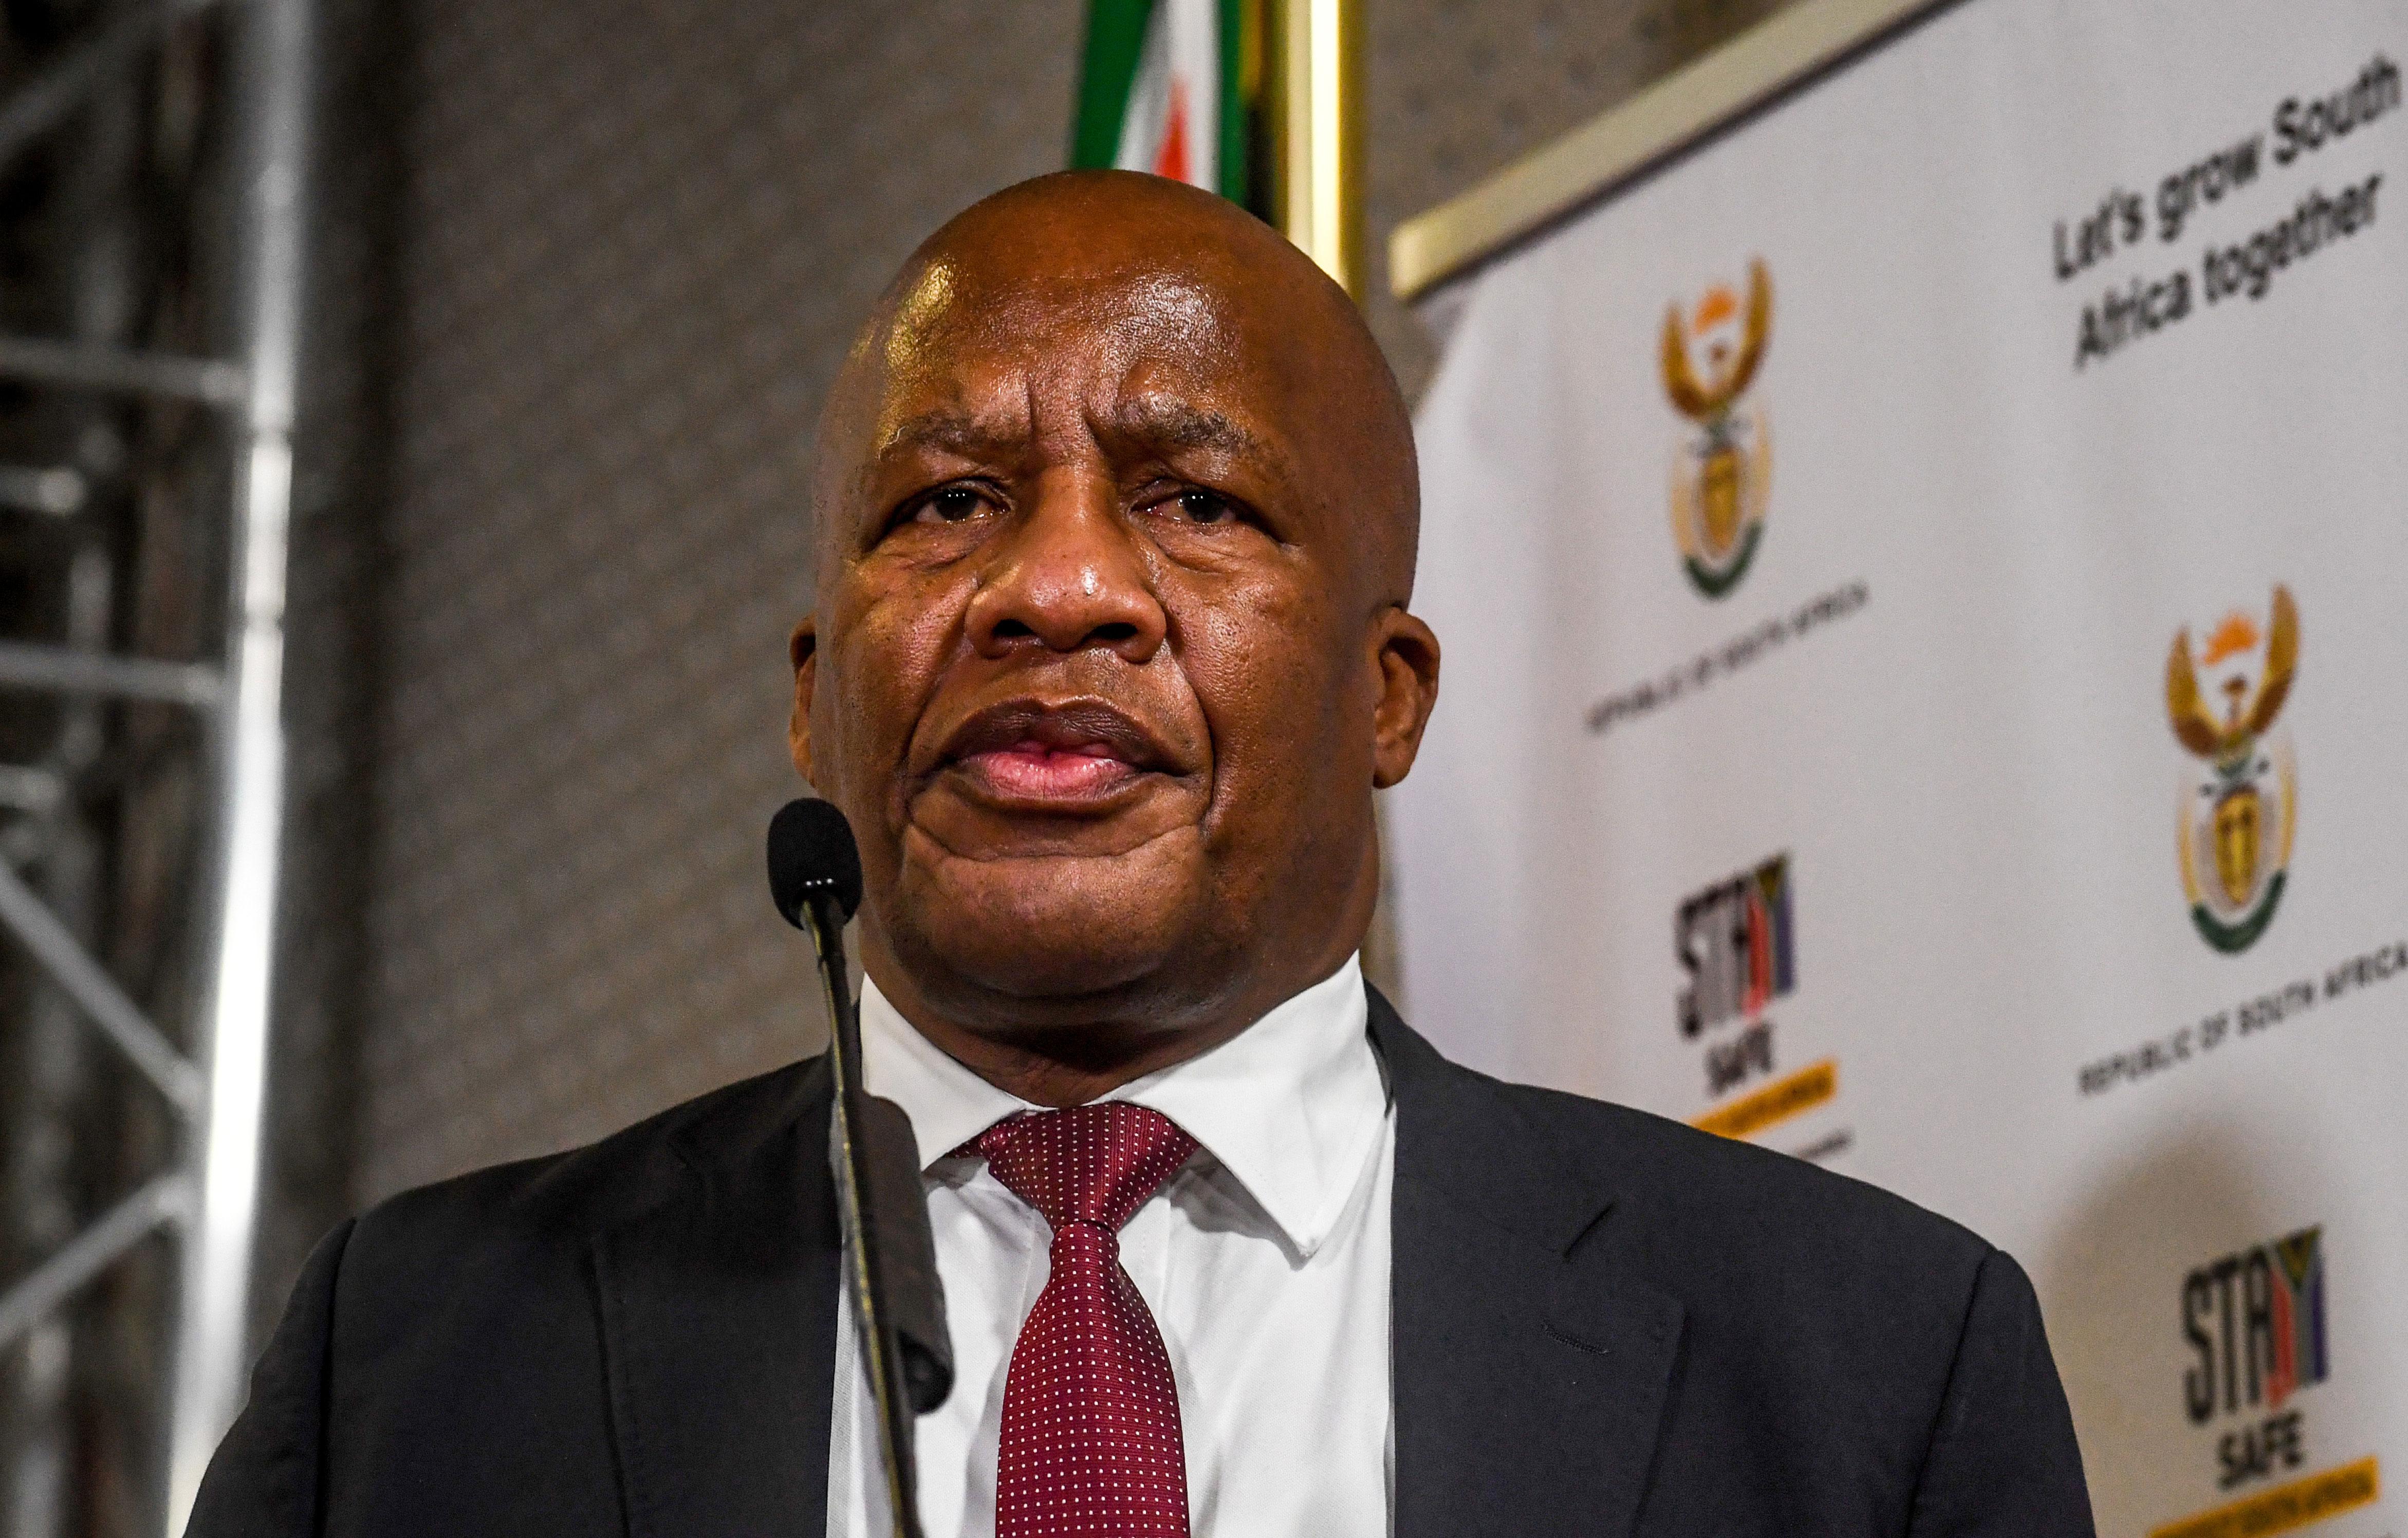 Minister in the Presidency Jackson Mthembu speaks in Pretoria, South Africa, on September 30, 2020.